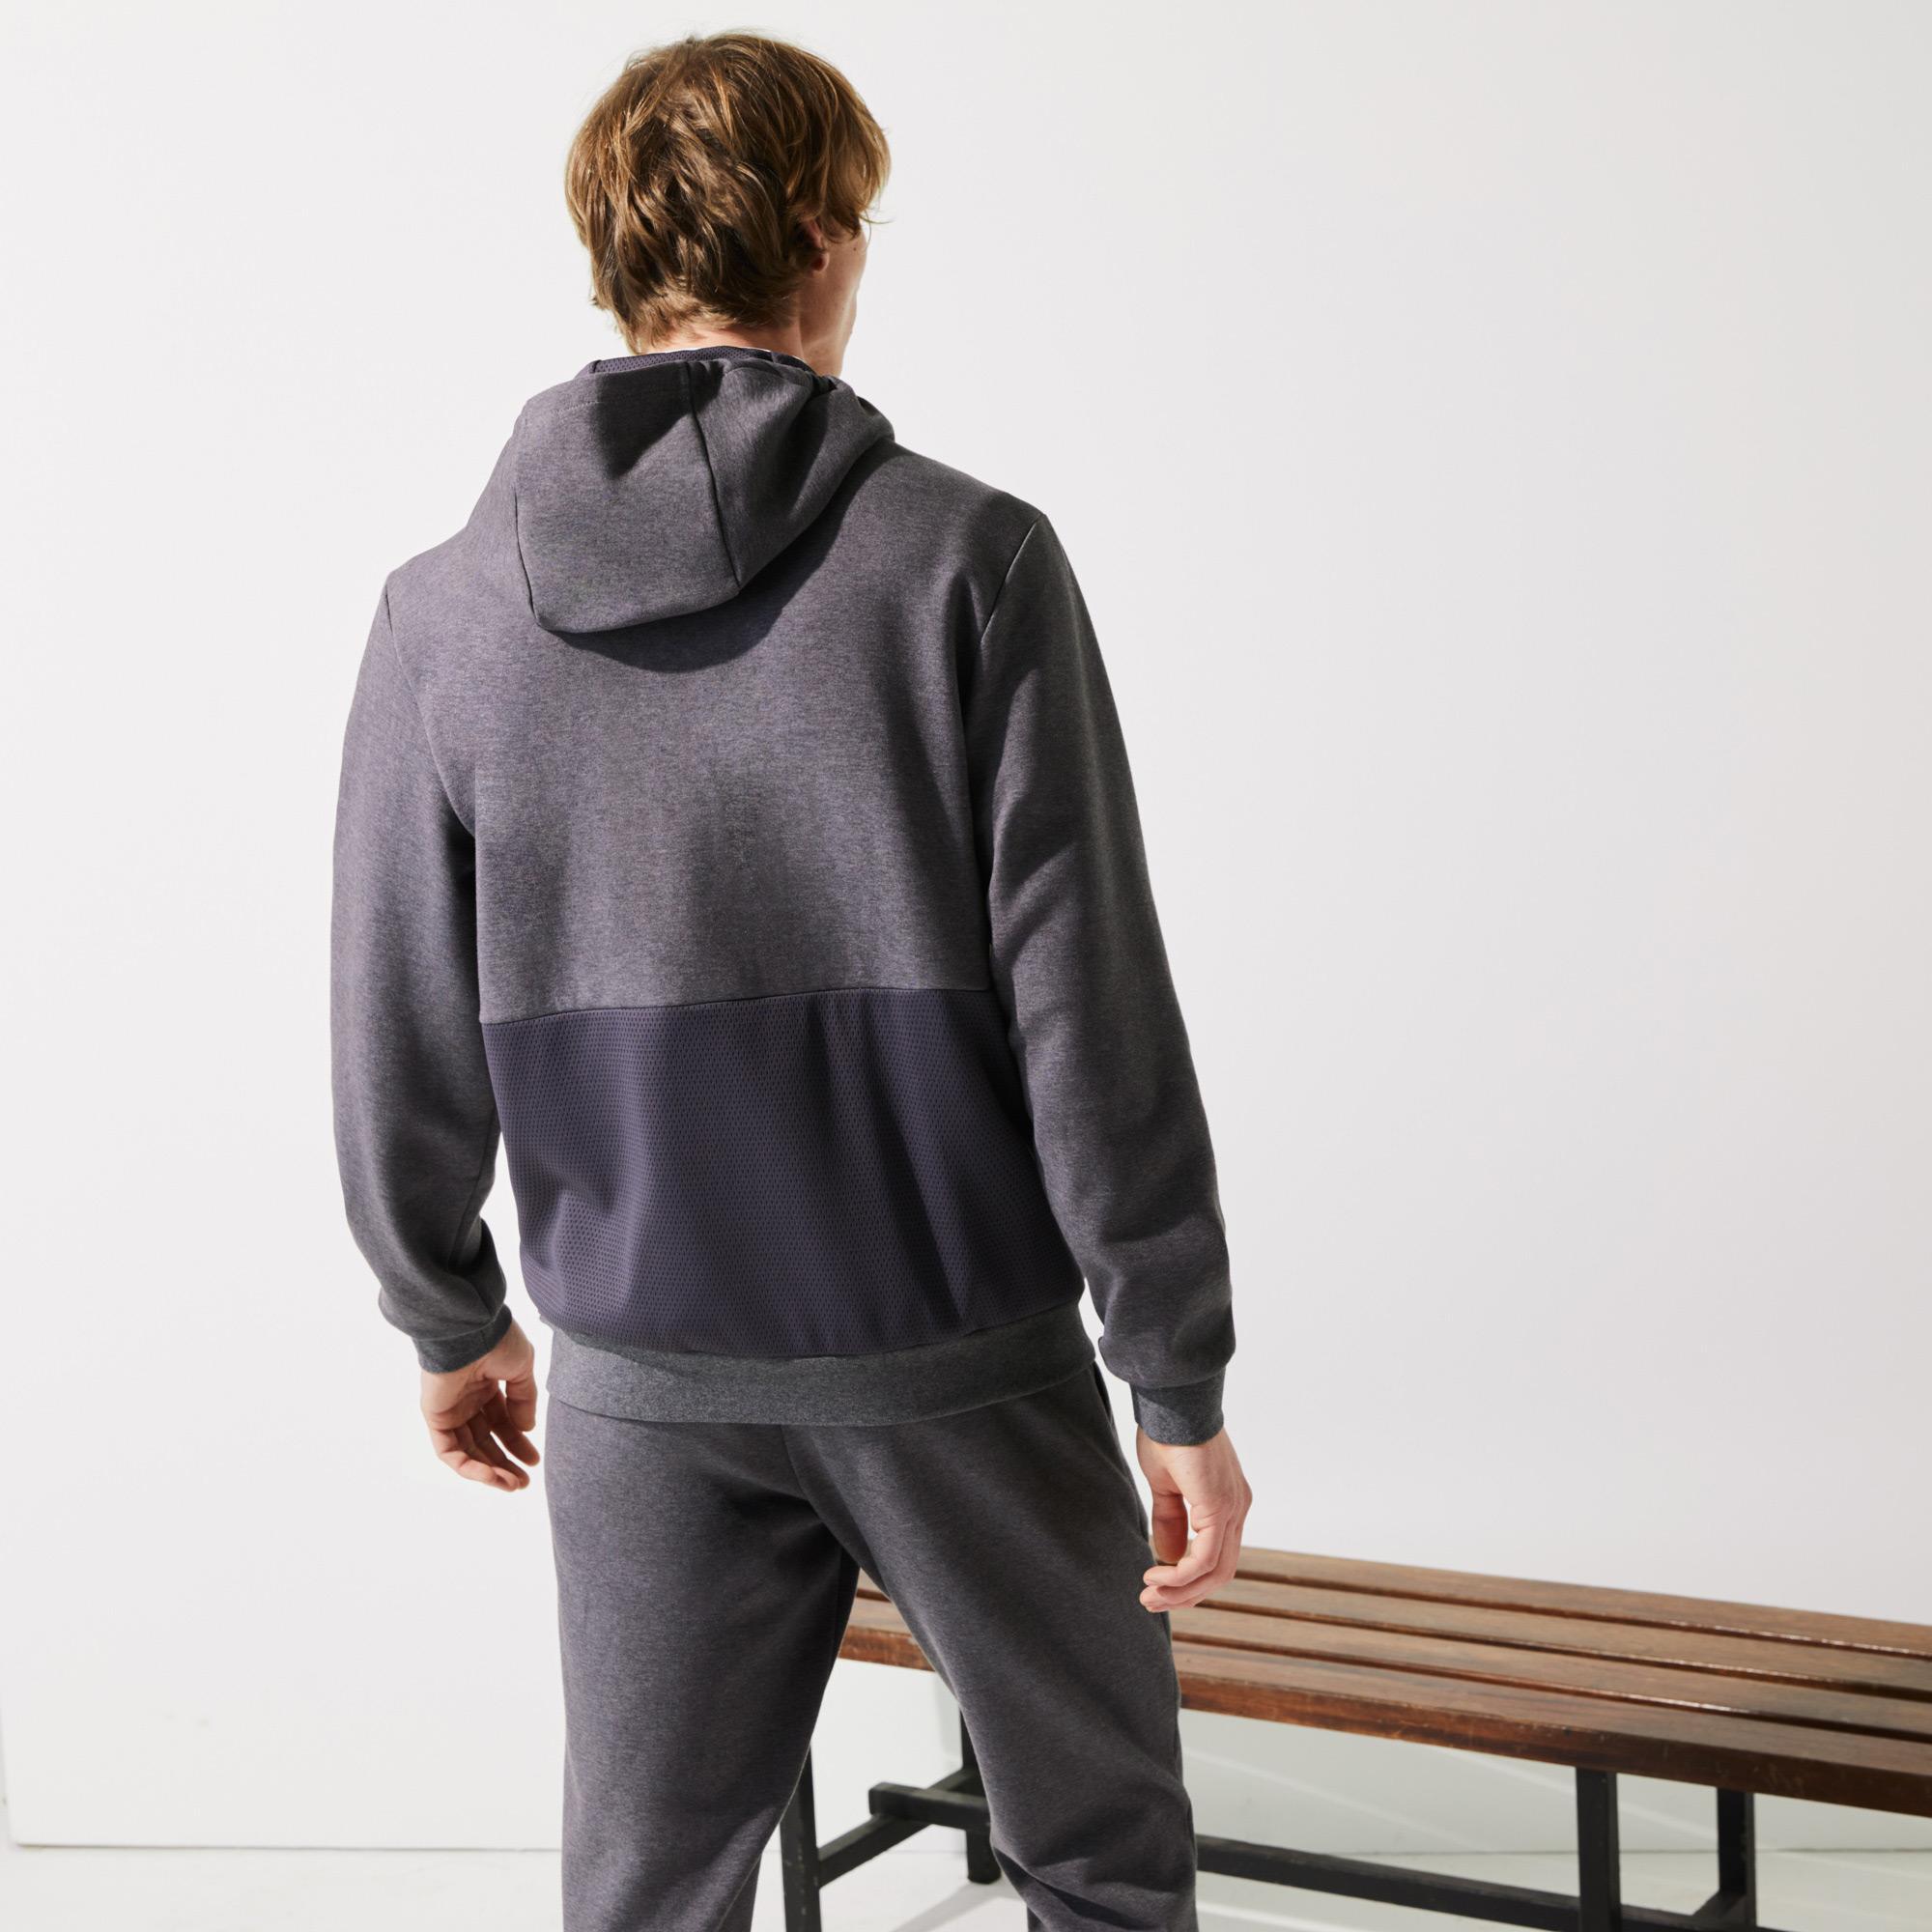 Lacoste Men?s Lacoste SPORT Hooded Mesh Panels Sweatshirt